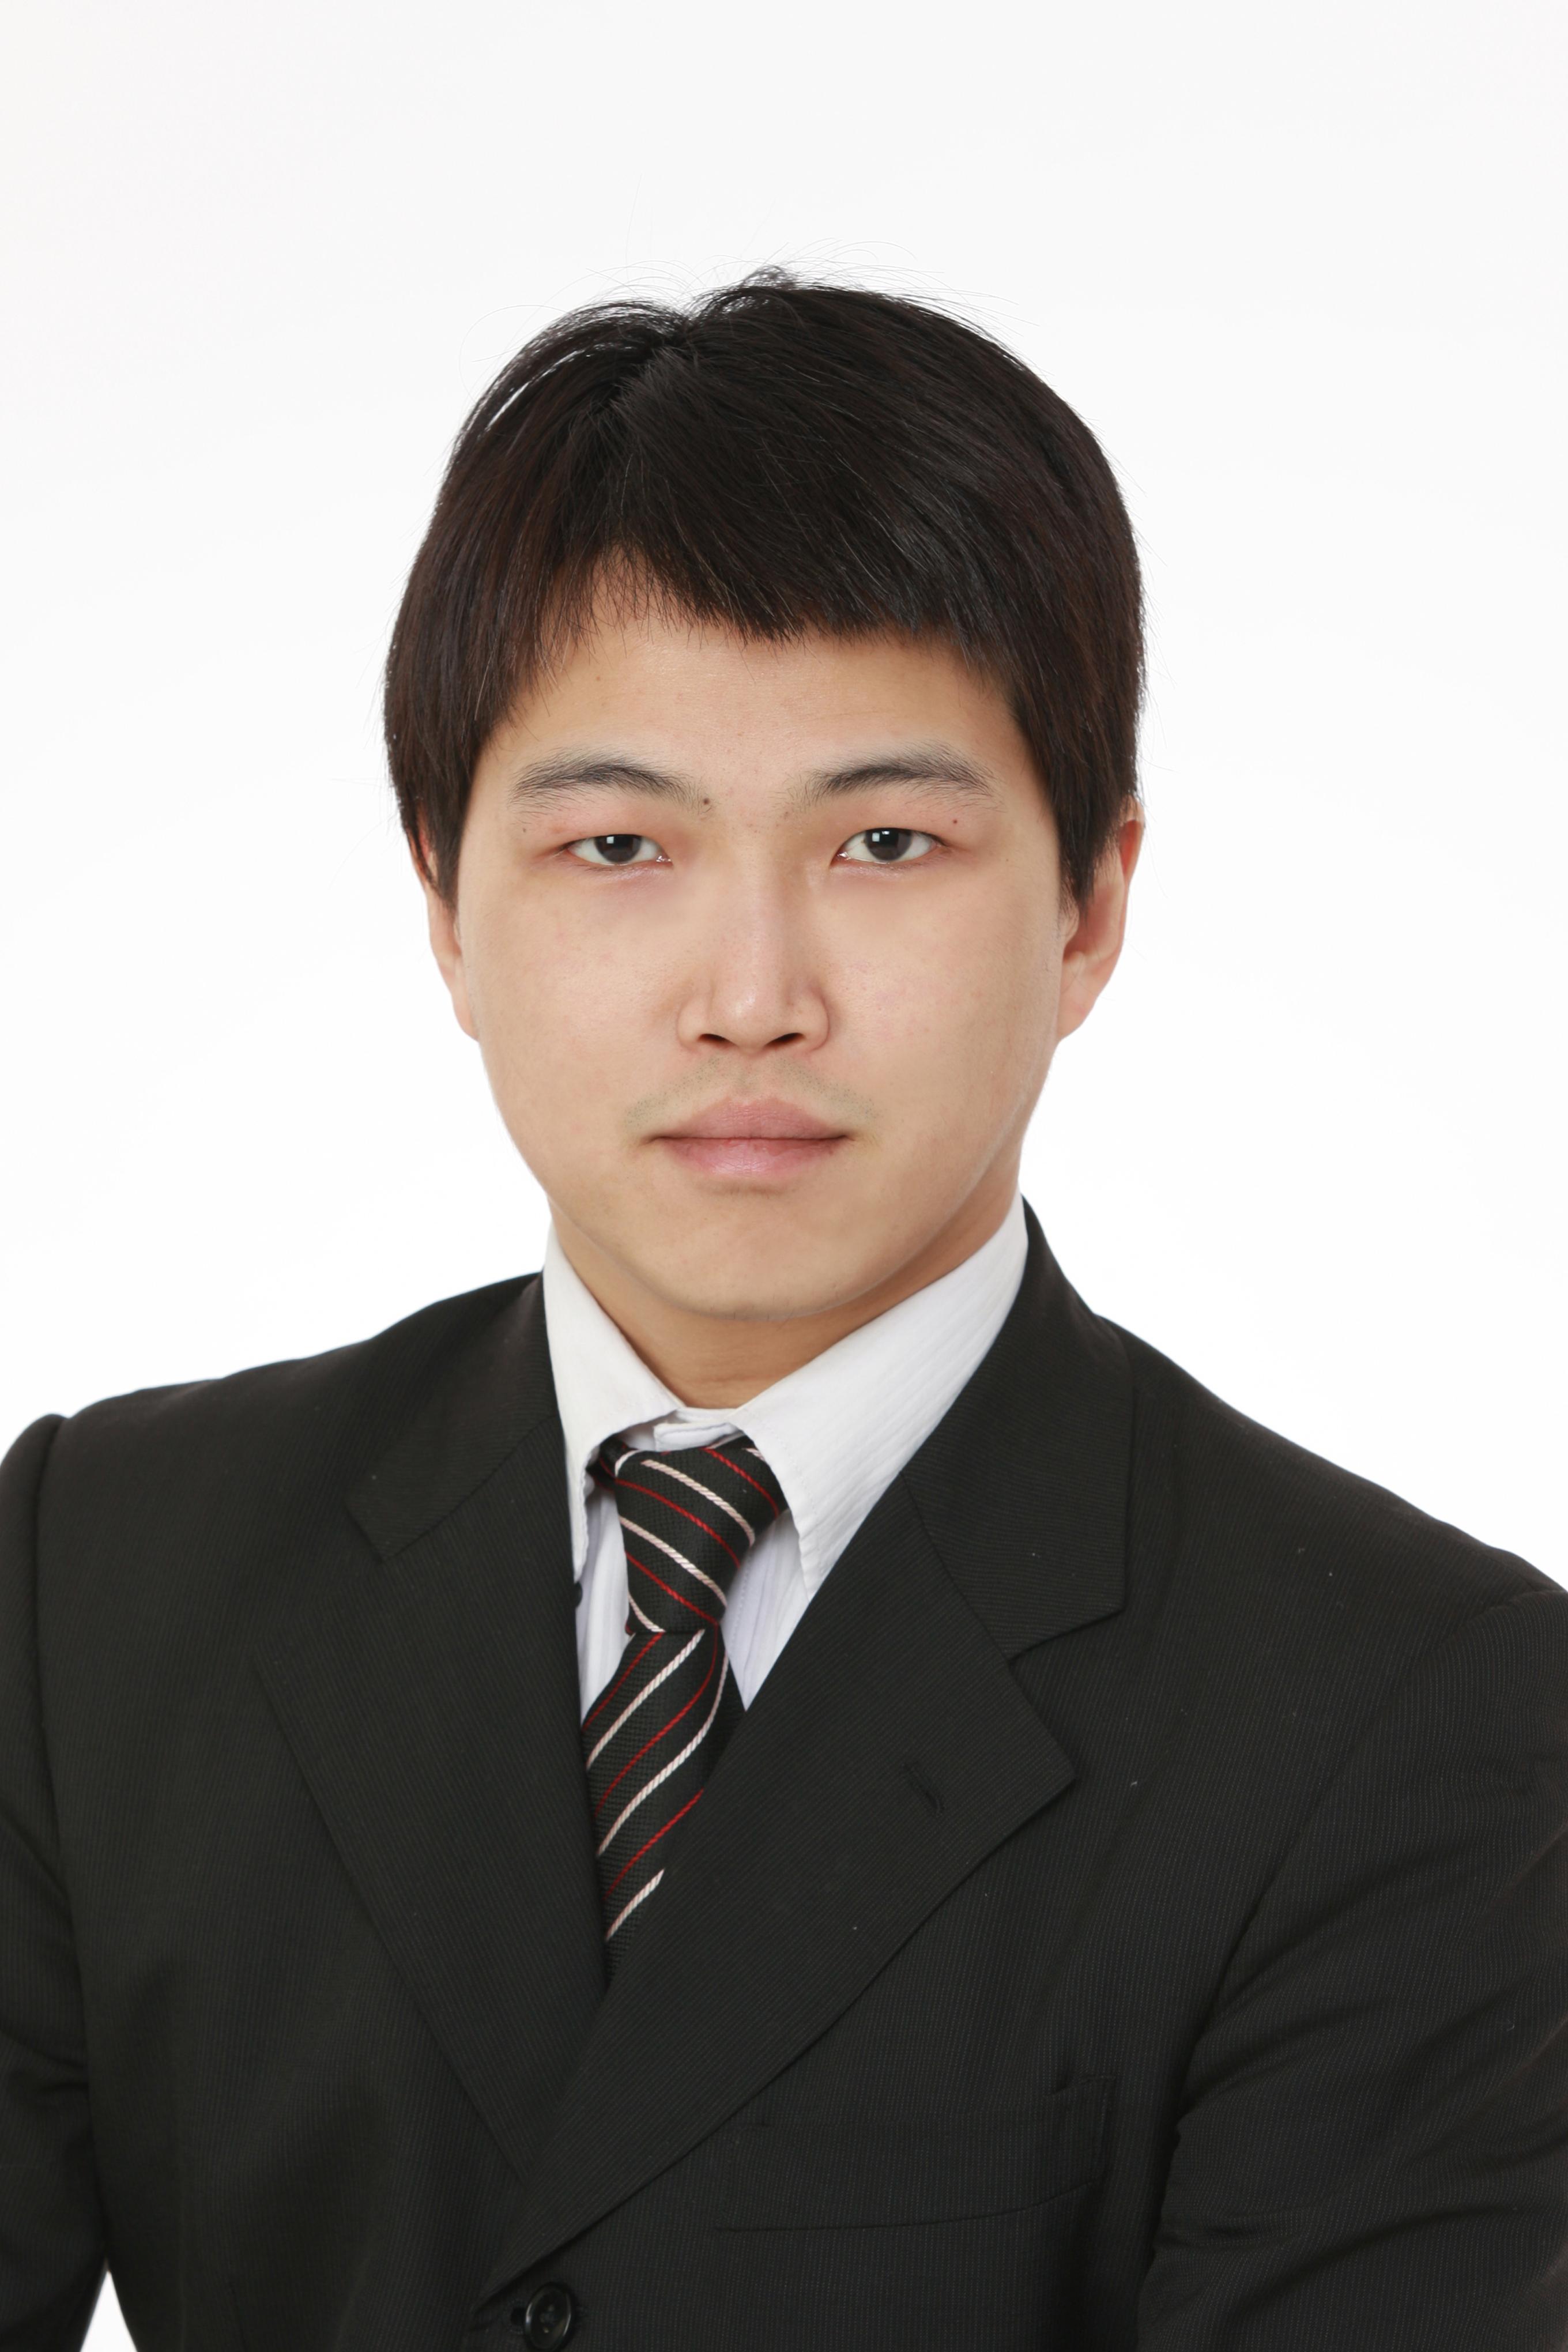 土井 孝輝